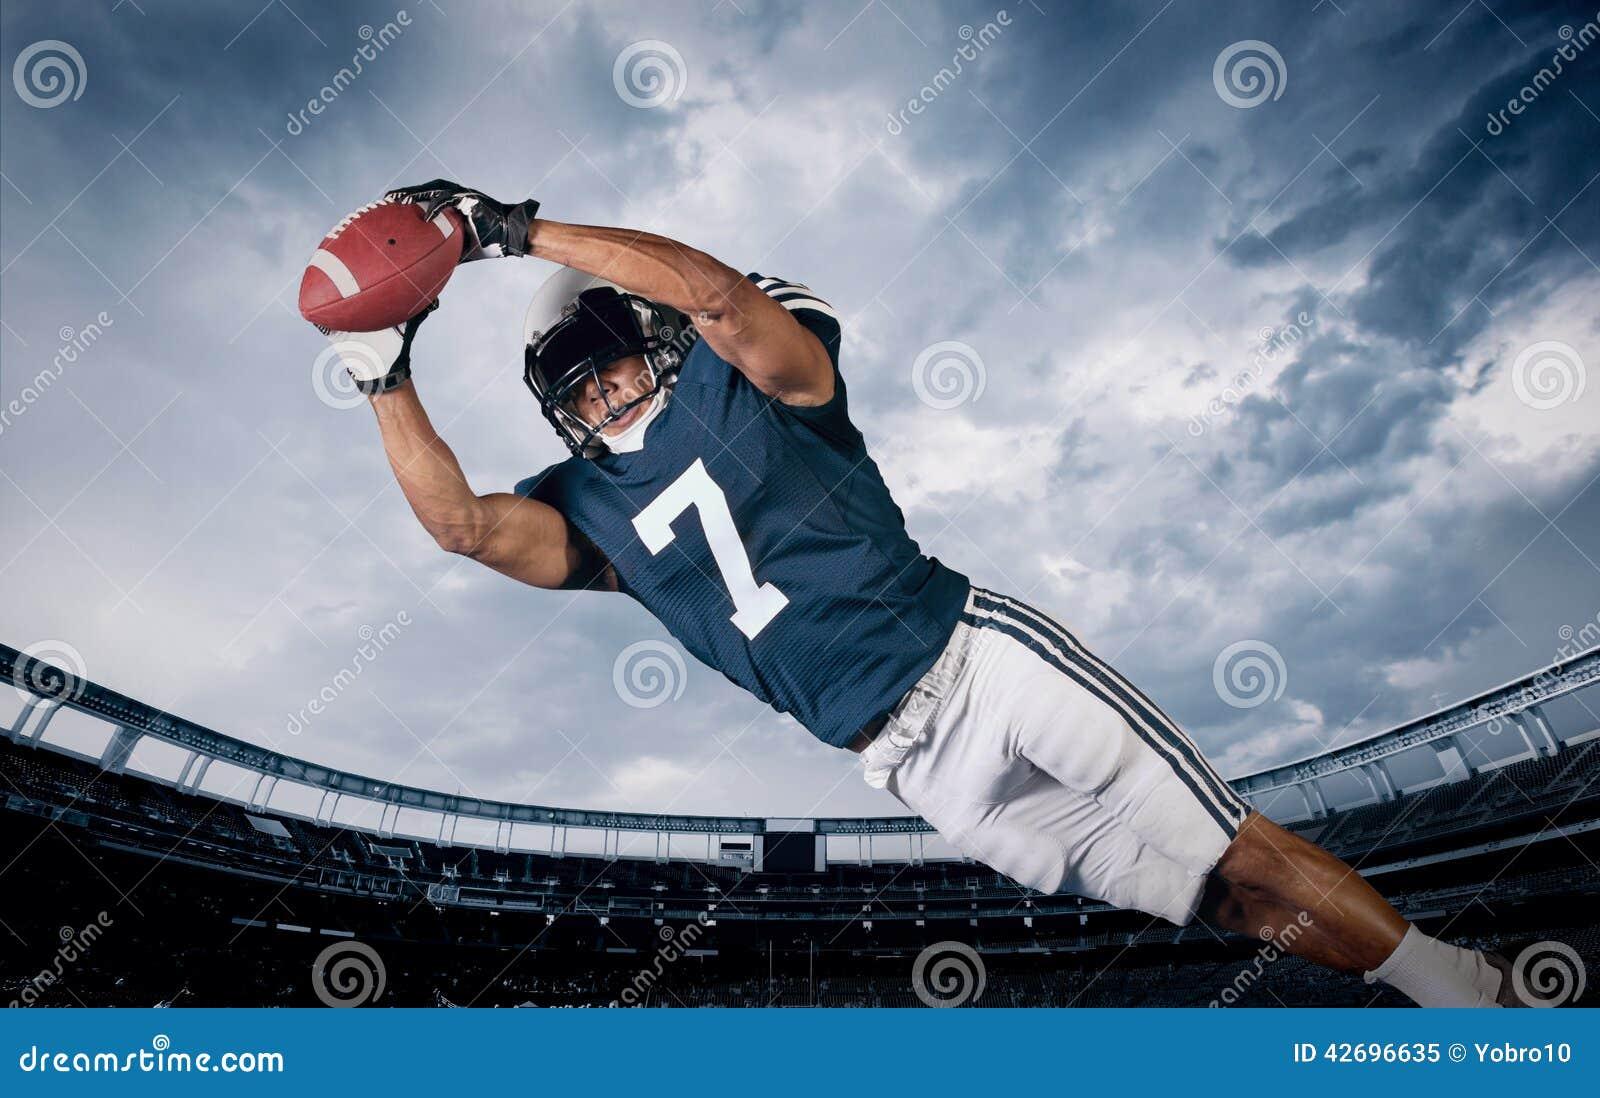 Giocatore di football americano che prende un passaggio di atterraggio